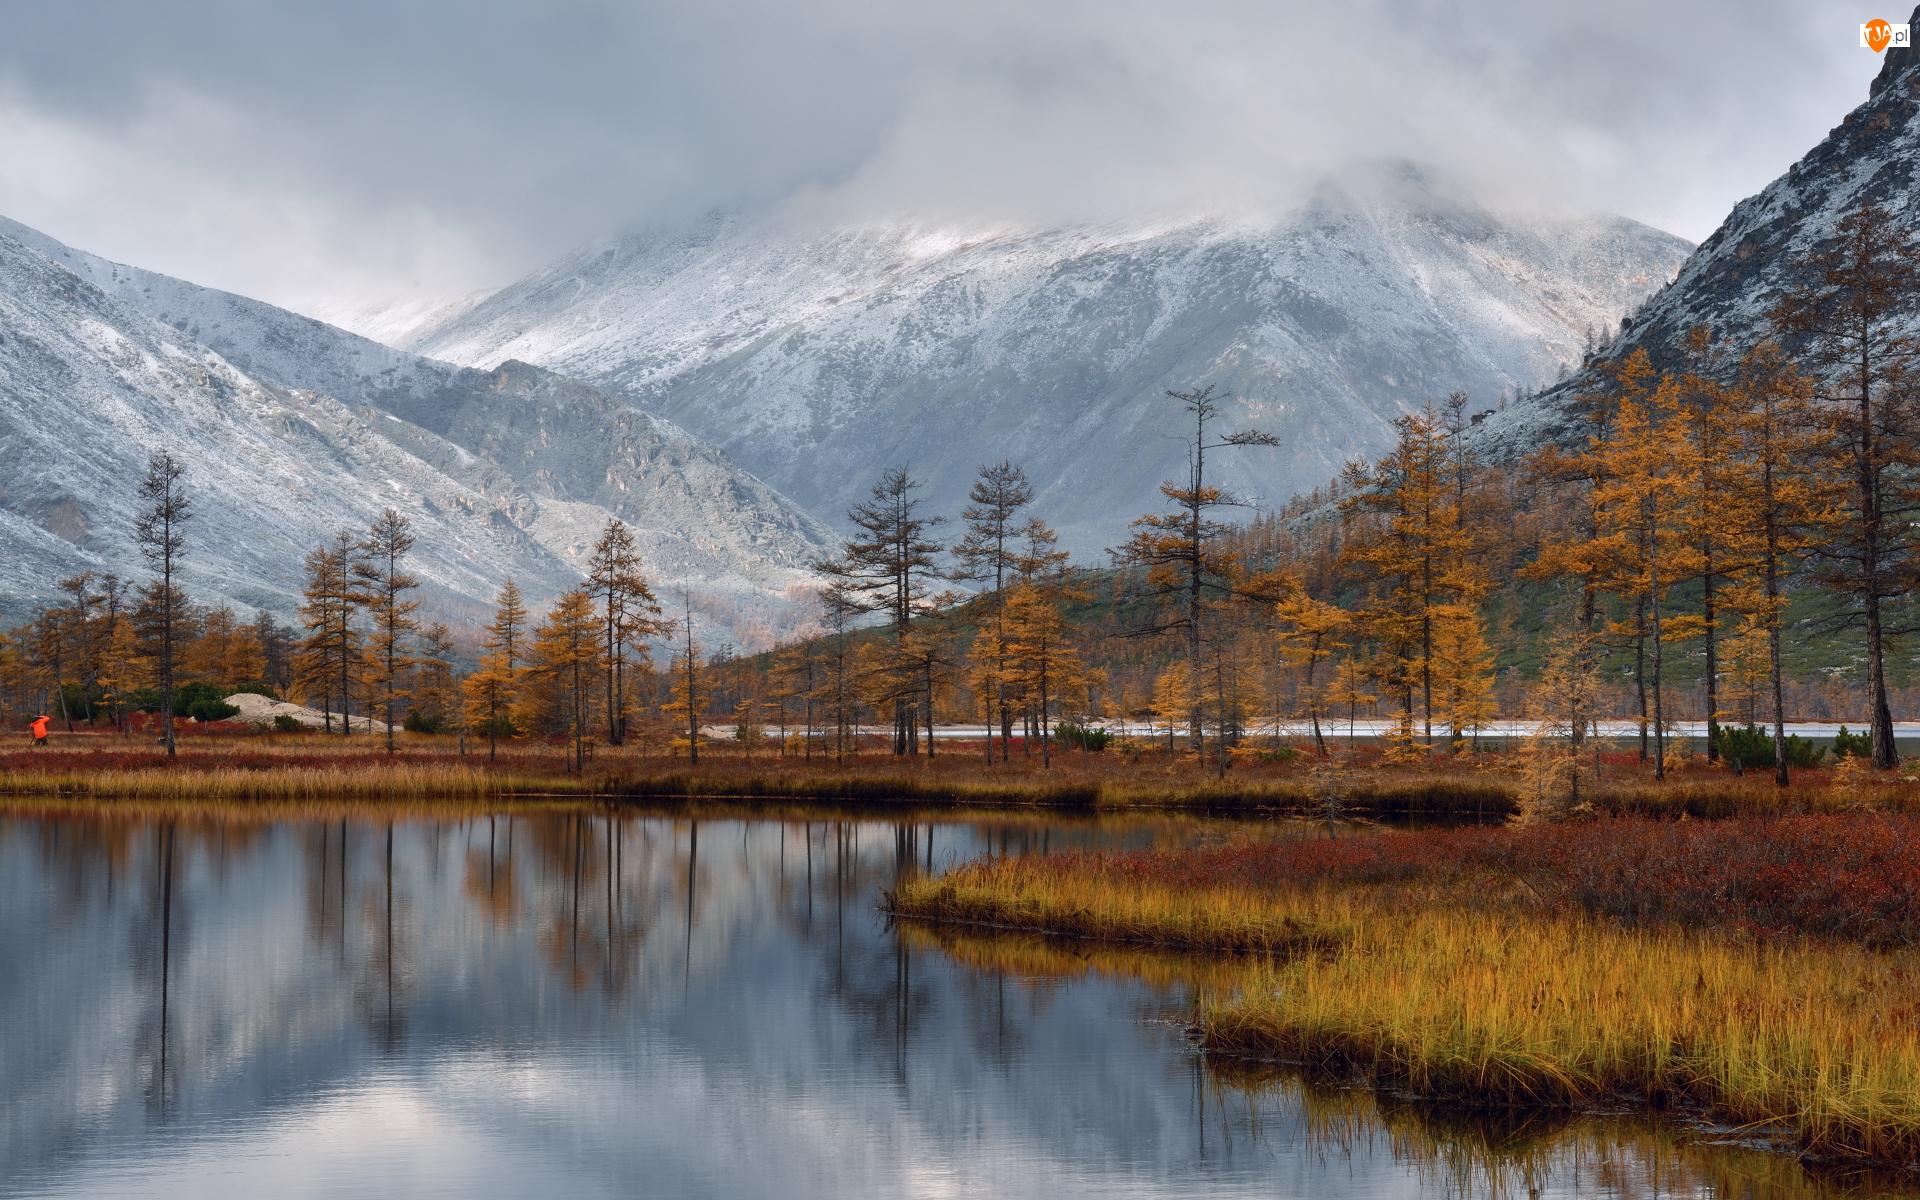 Kołyma, Jesień, Mgła, Magadan, Jezioro Jacka Londona, Drzewa, Rosja, Góry